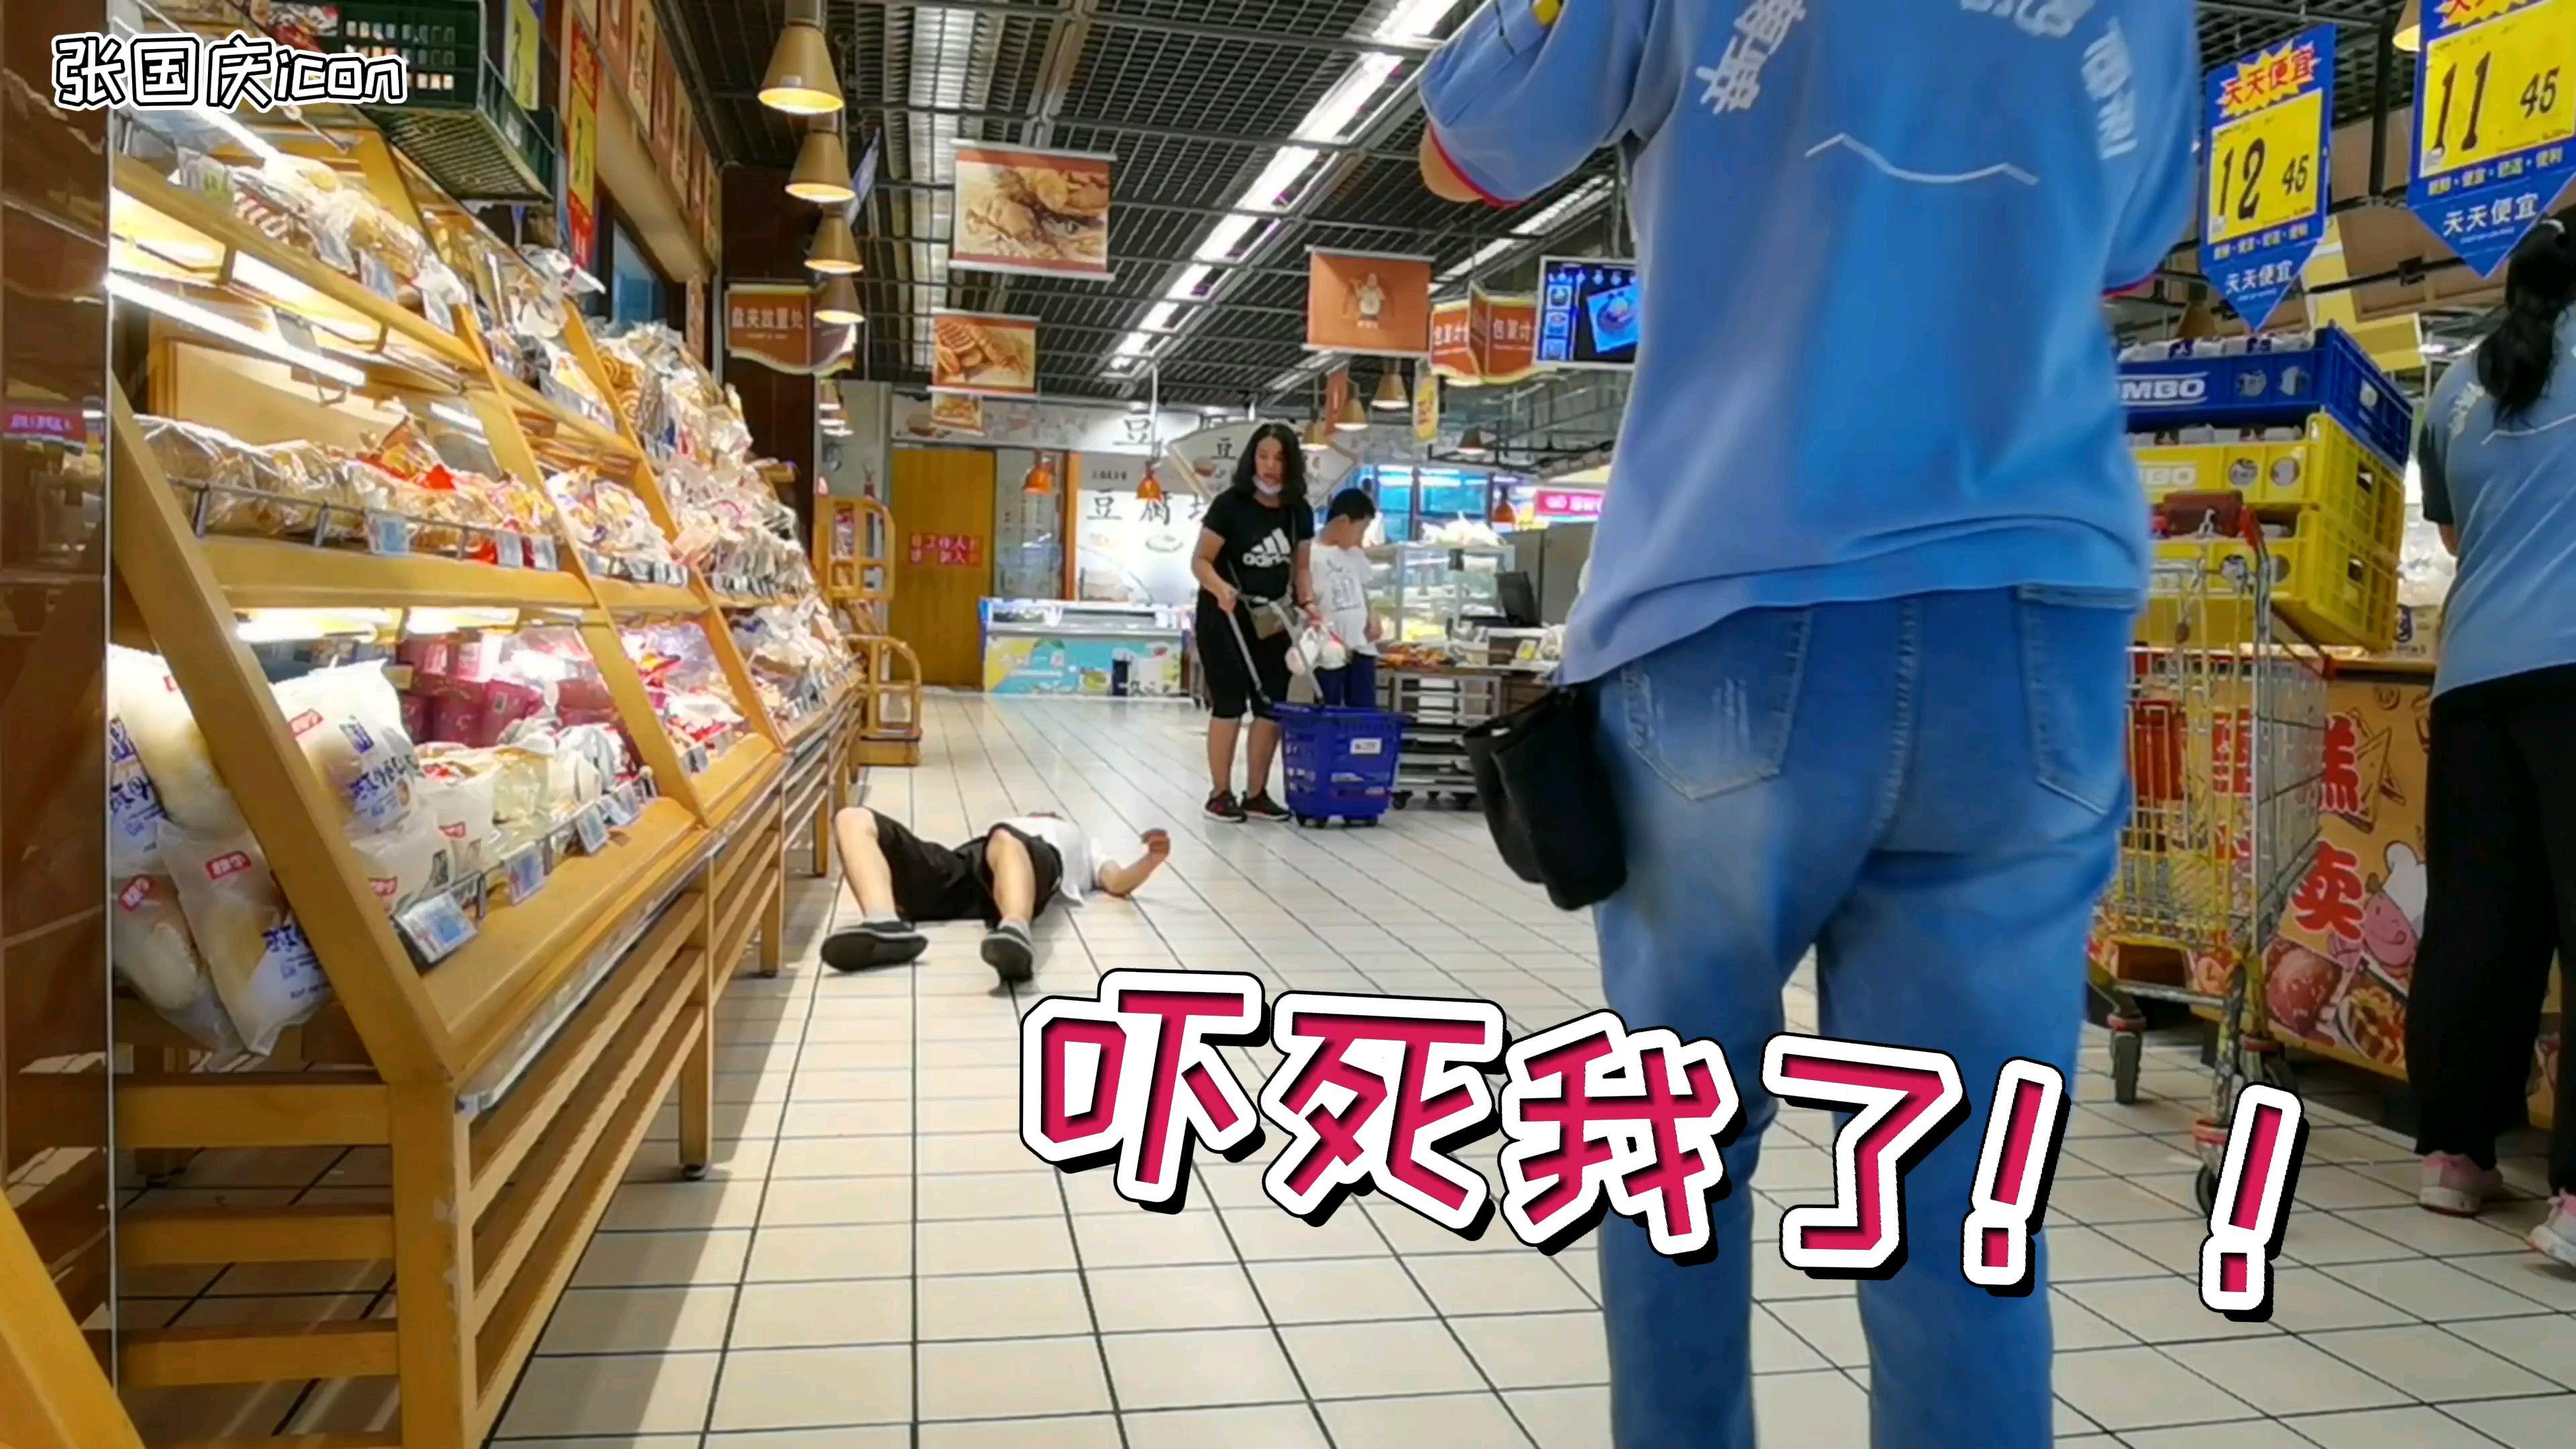 假装触电晕倒在地,路人和店员:吓死我了